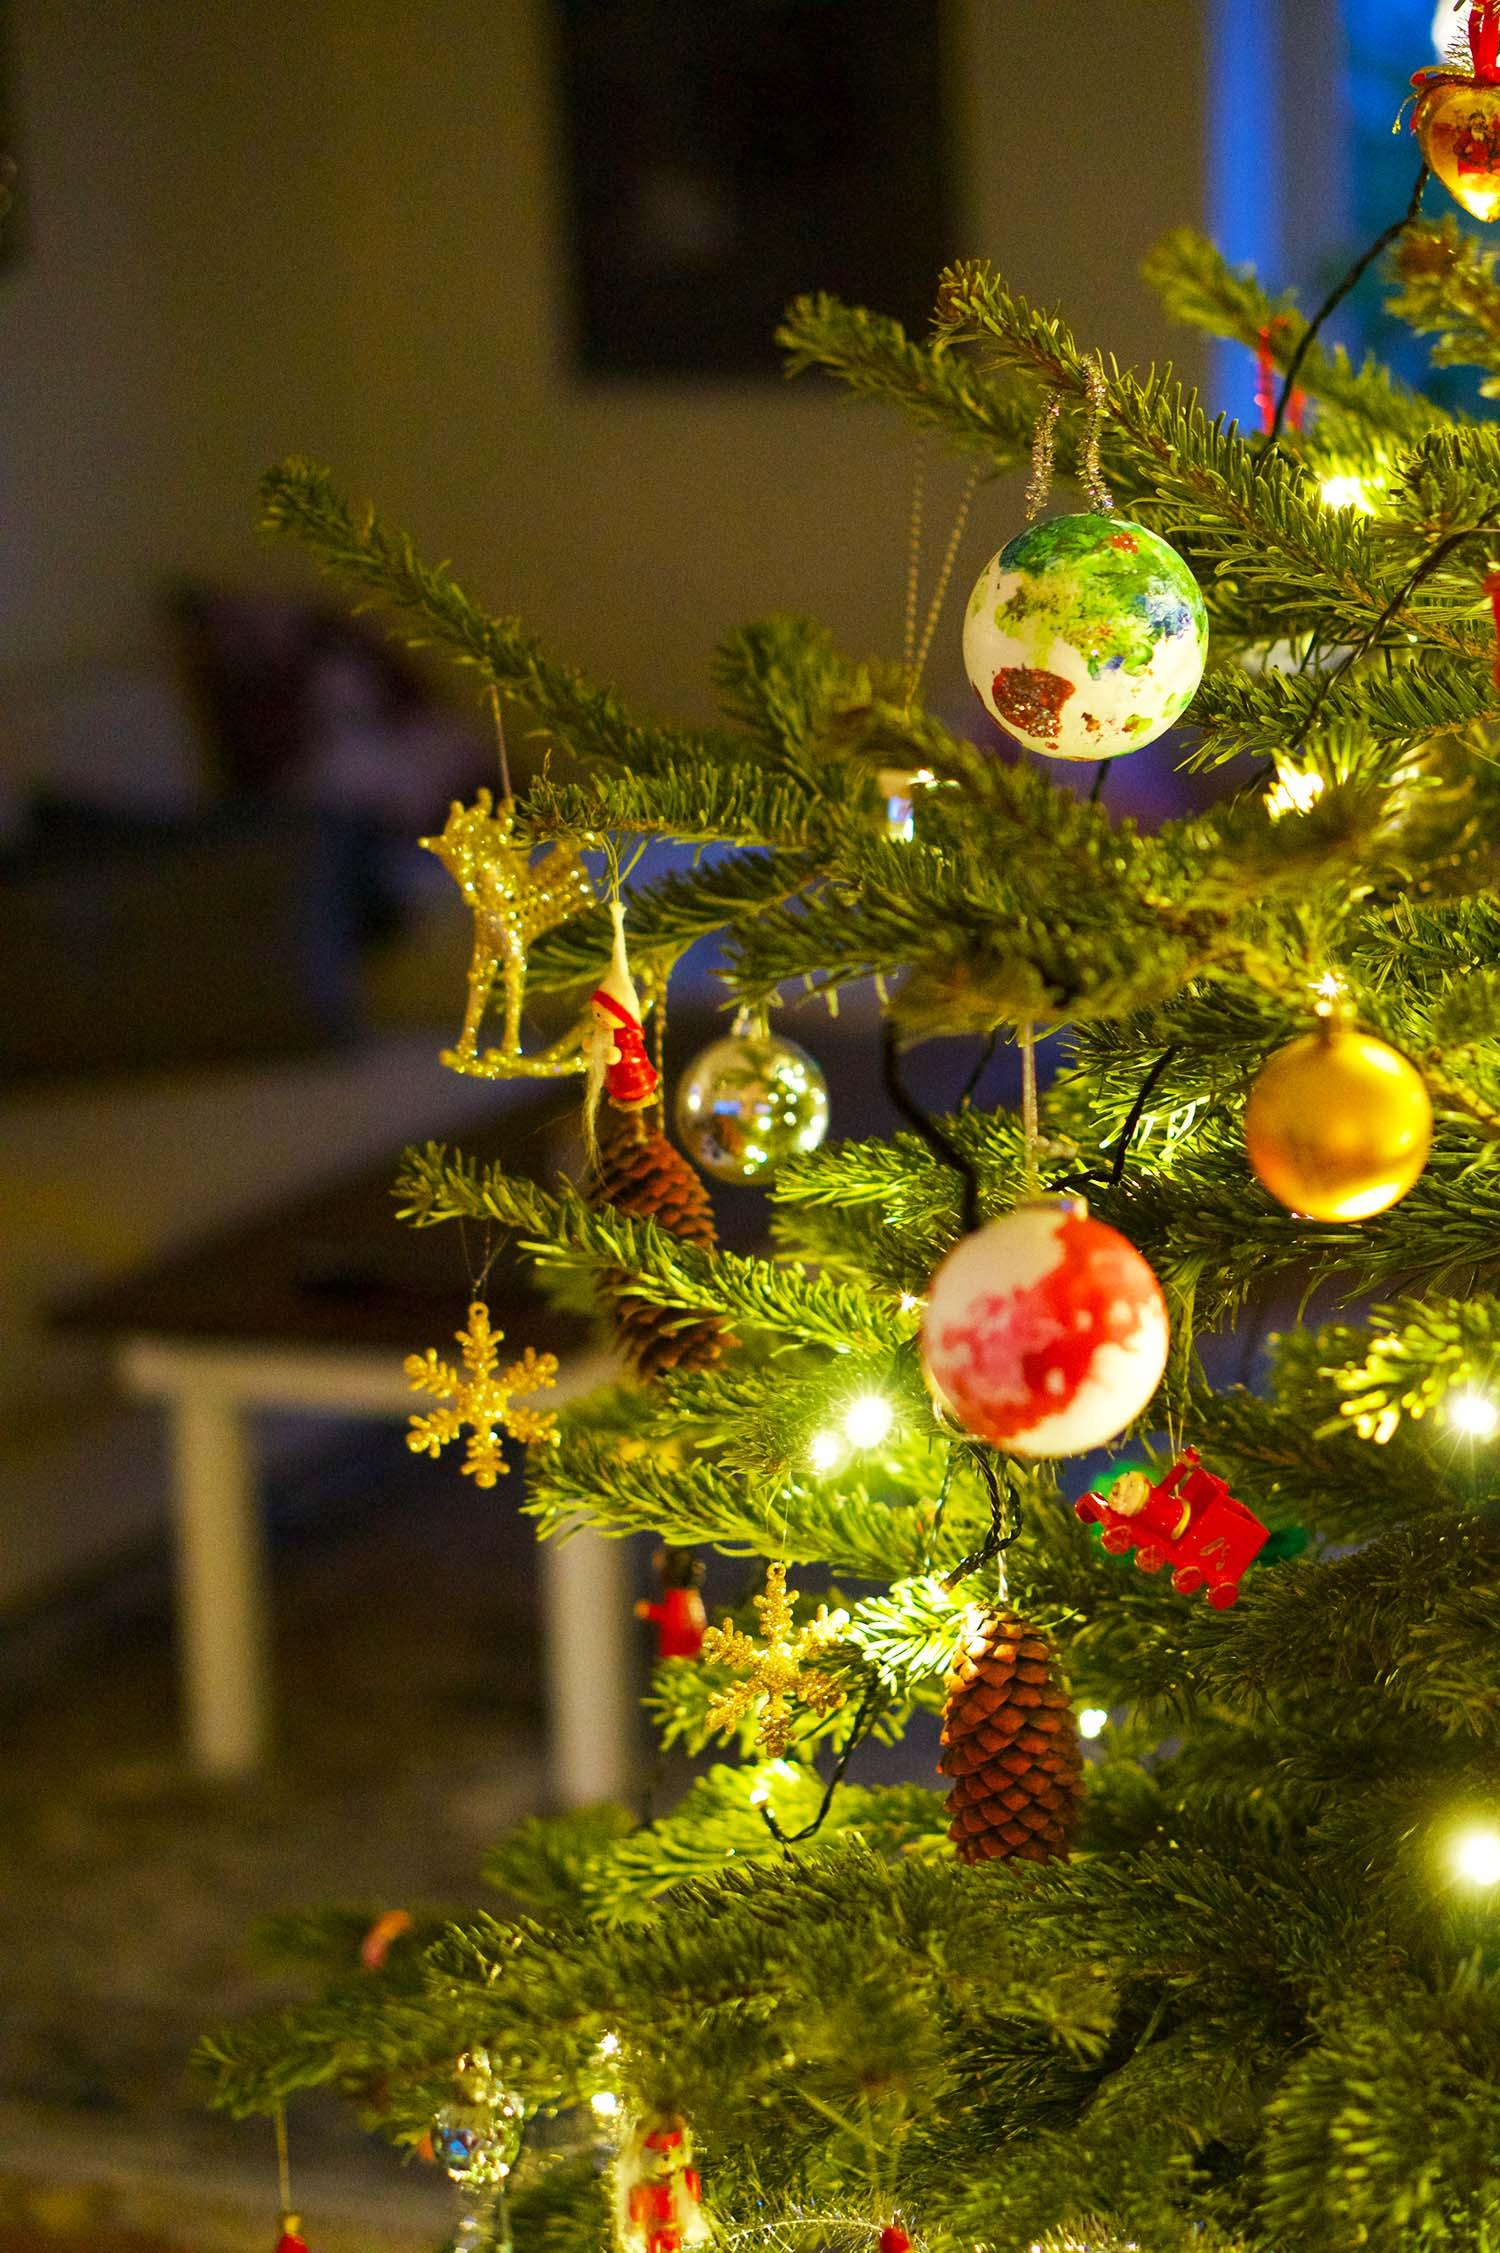 Julen 2020 - om att kasta ut julen